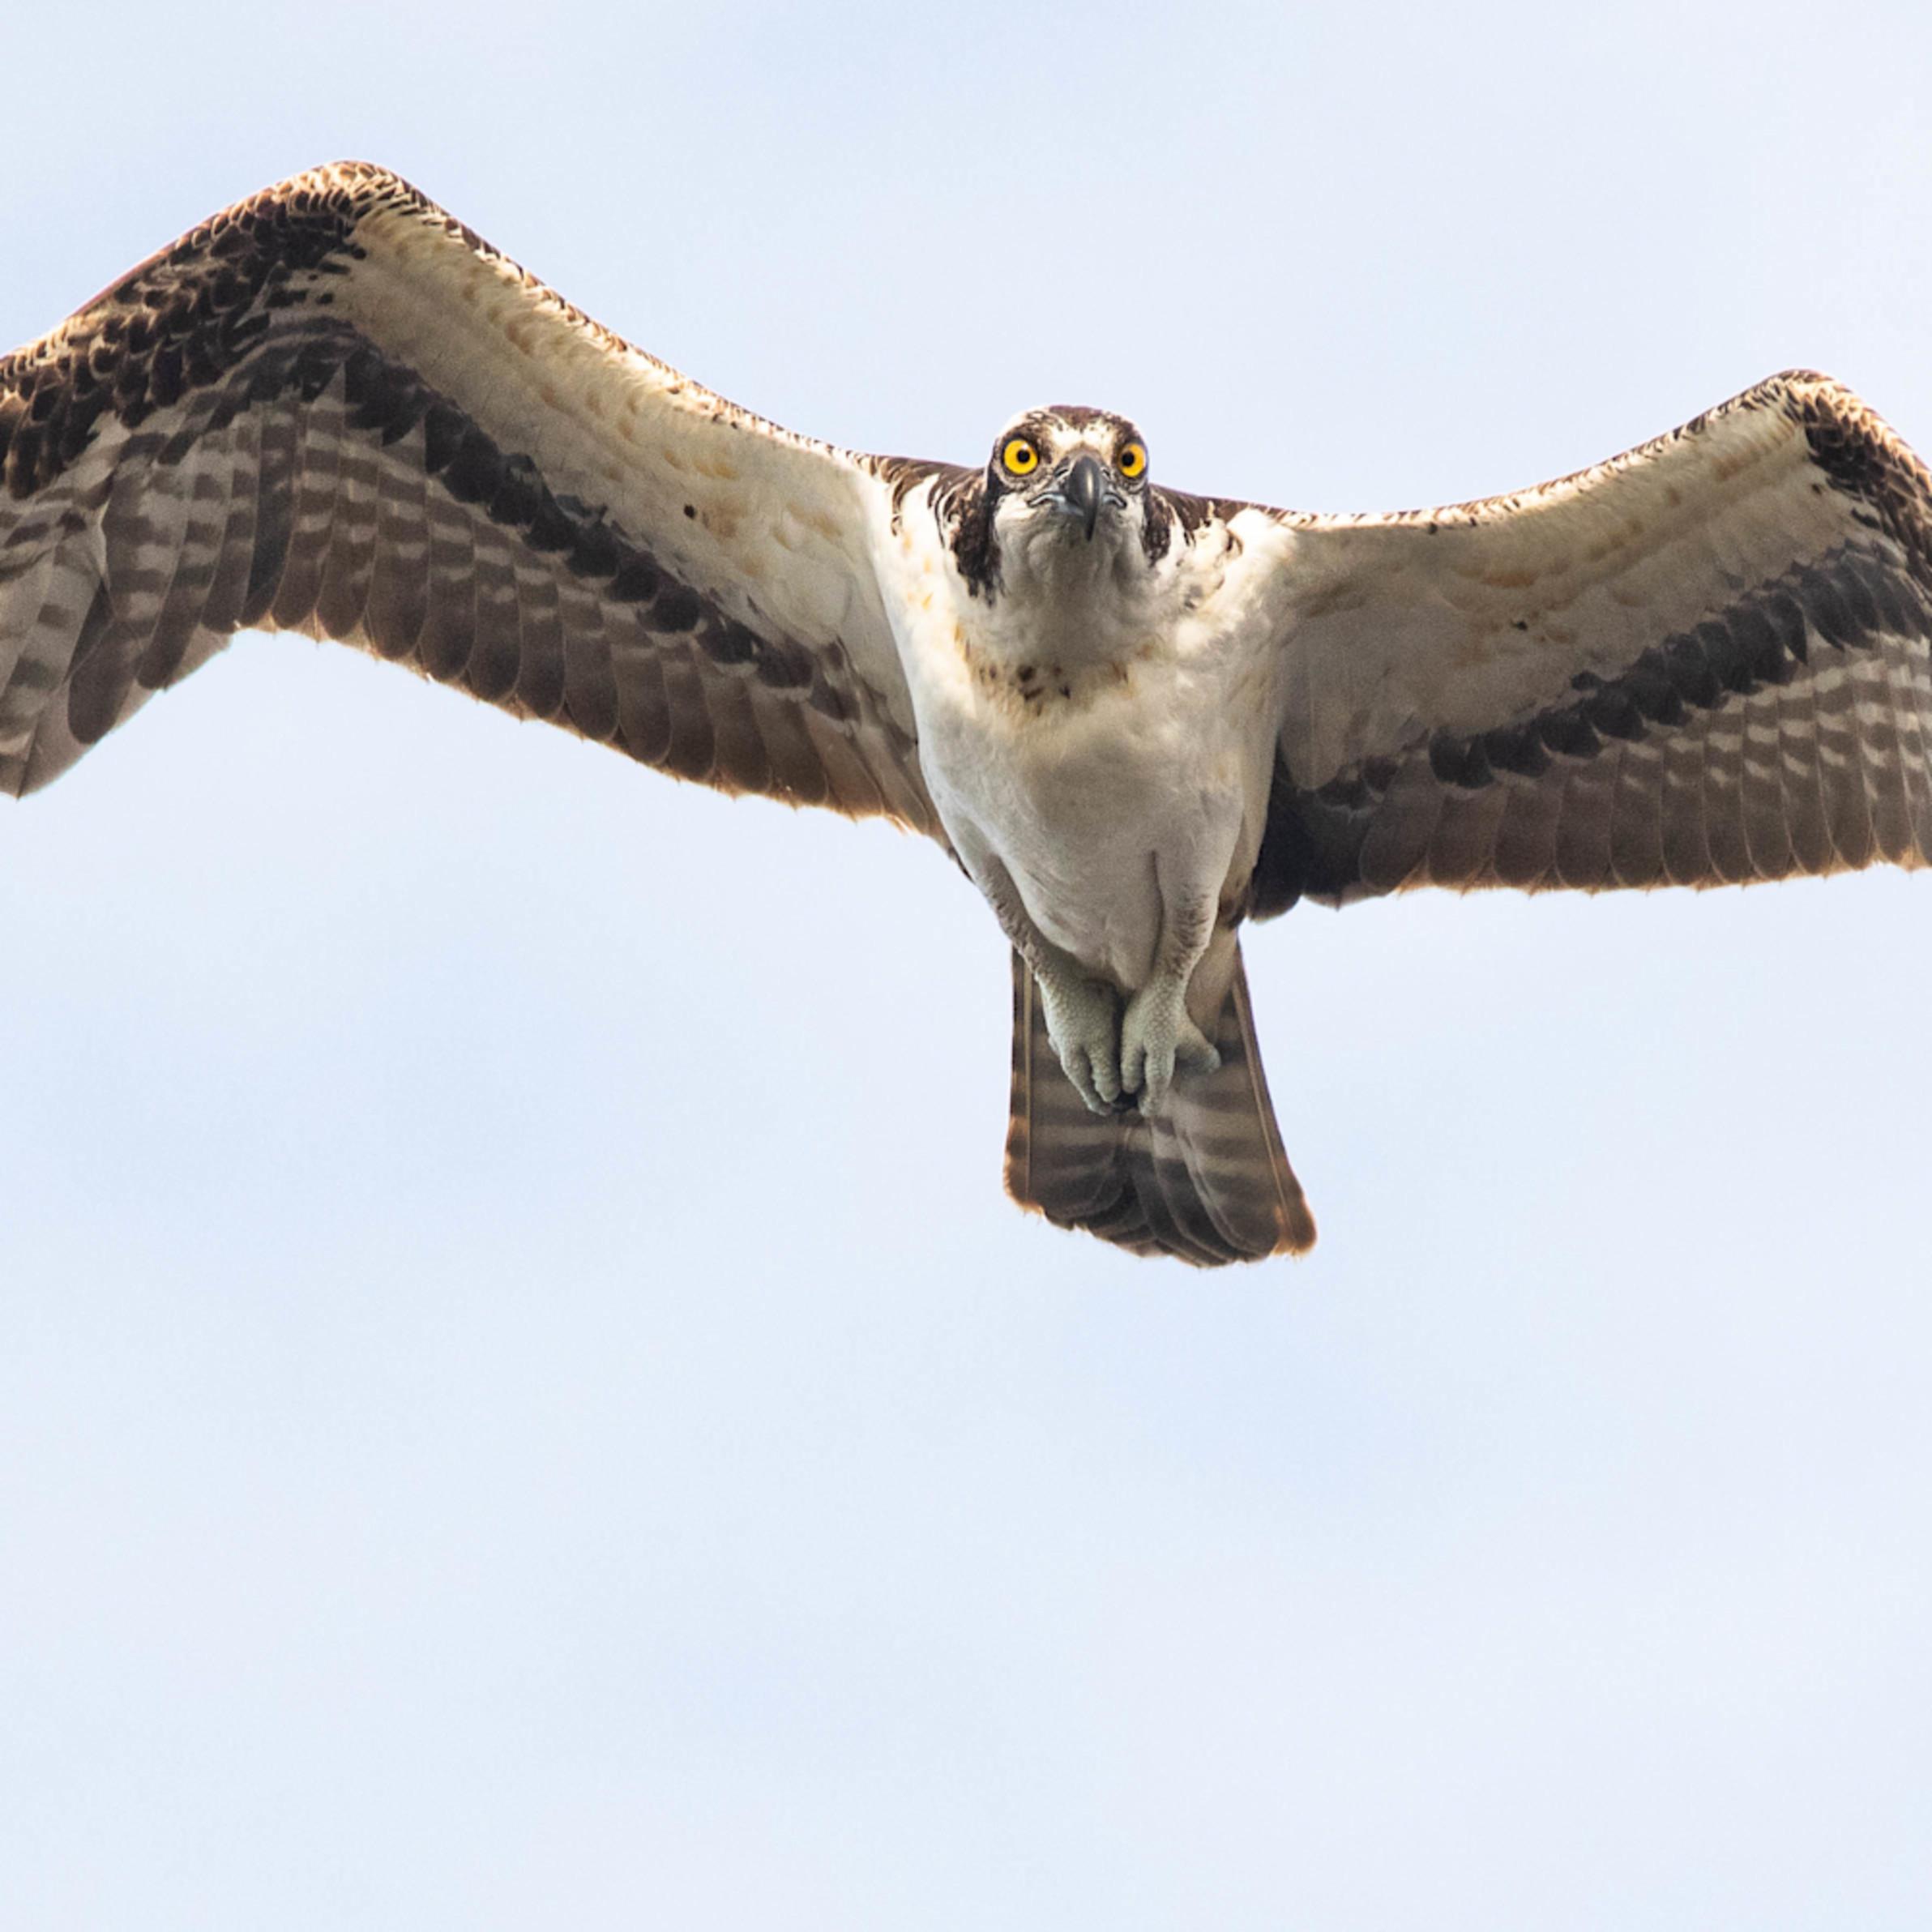 Merritt island osprey2 cuda lebd8j